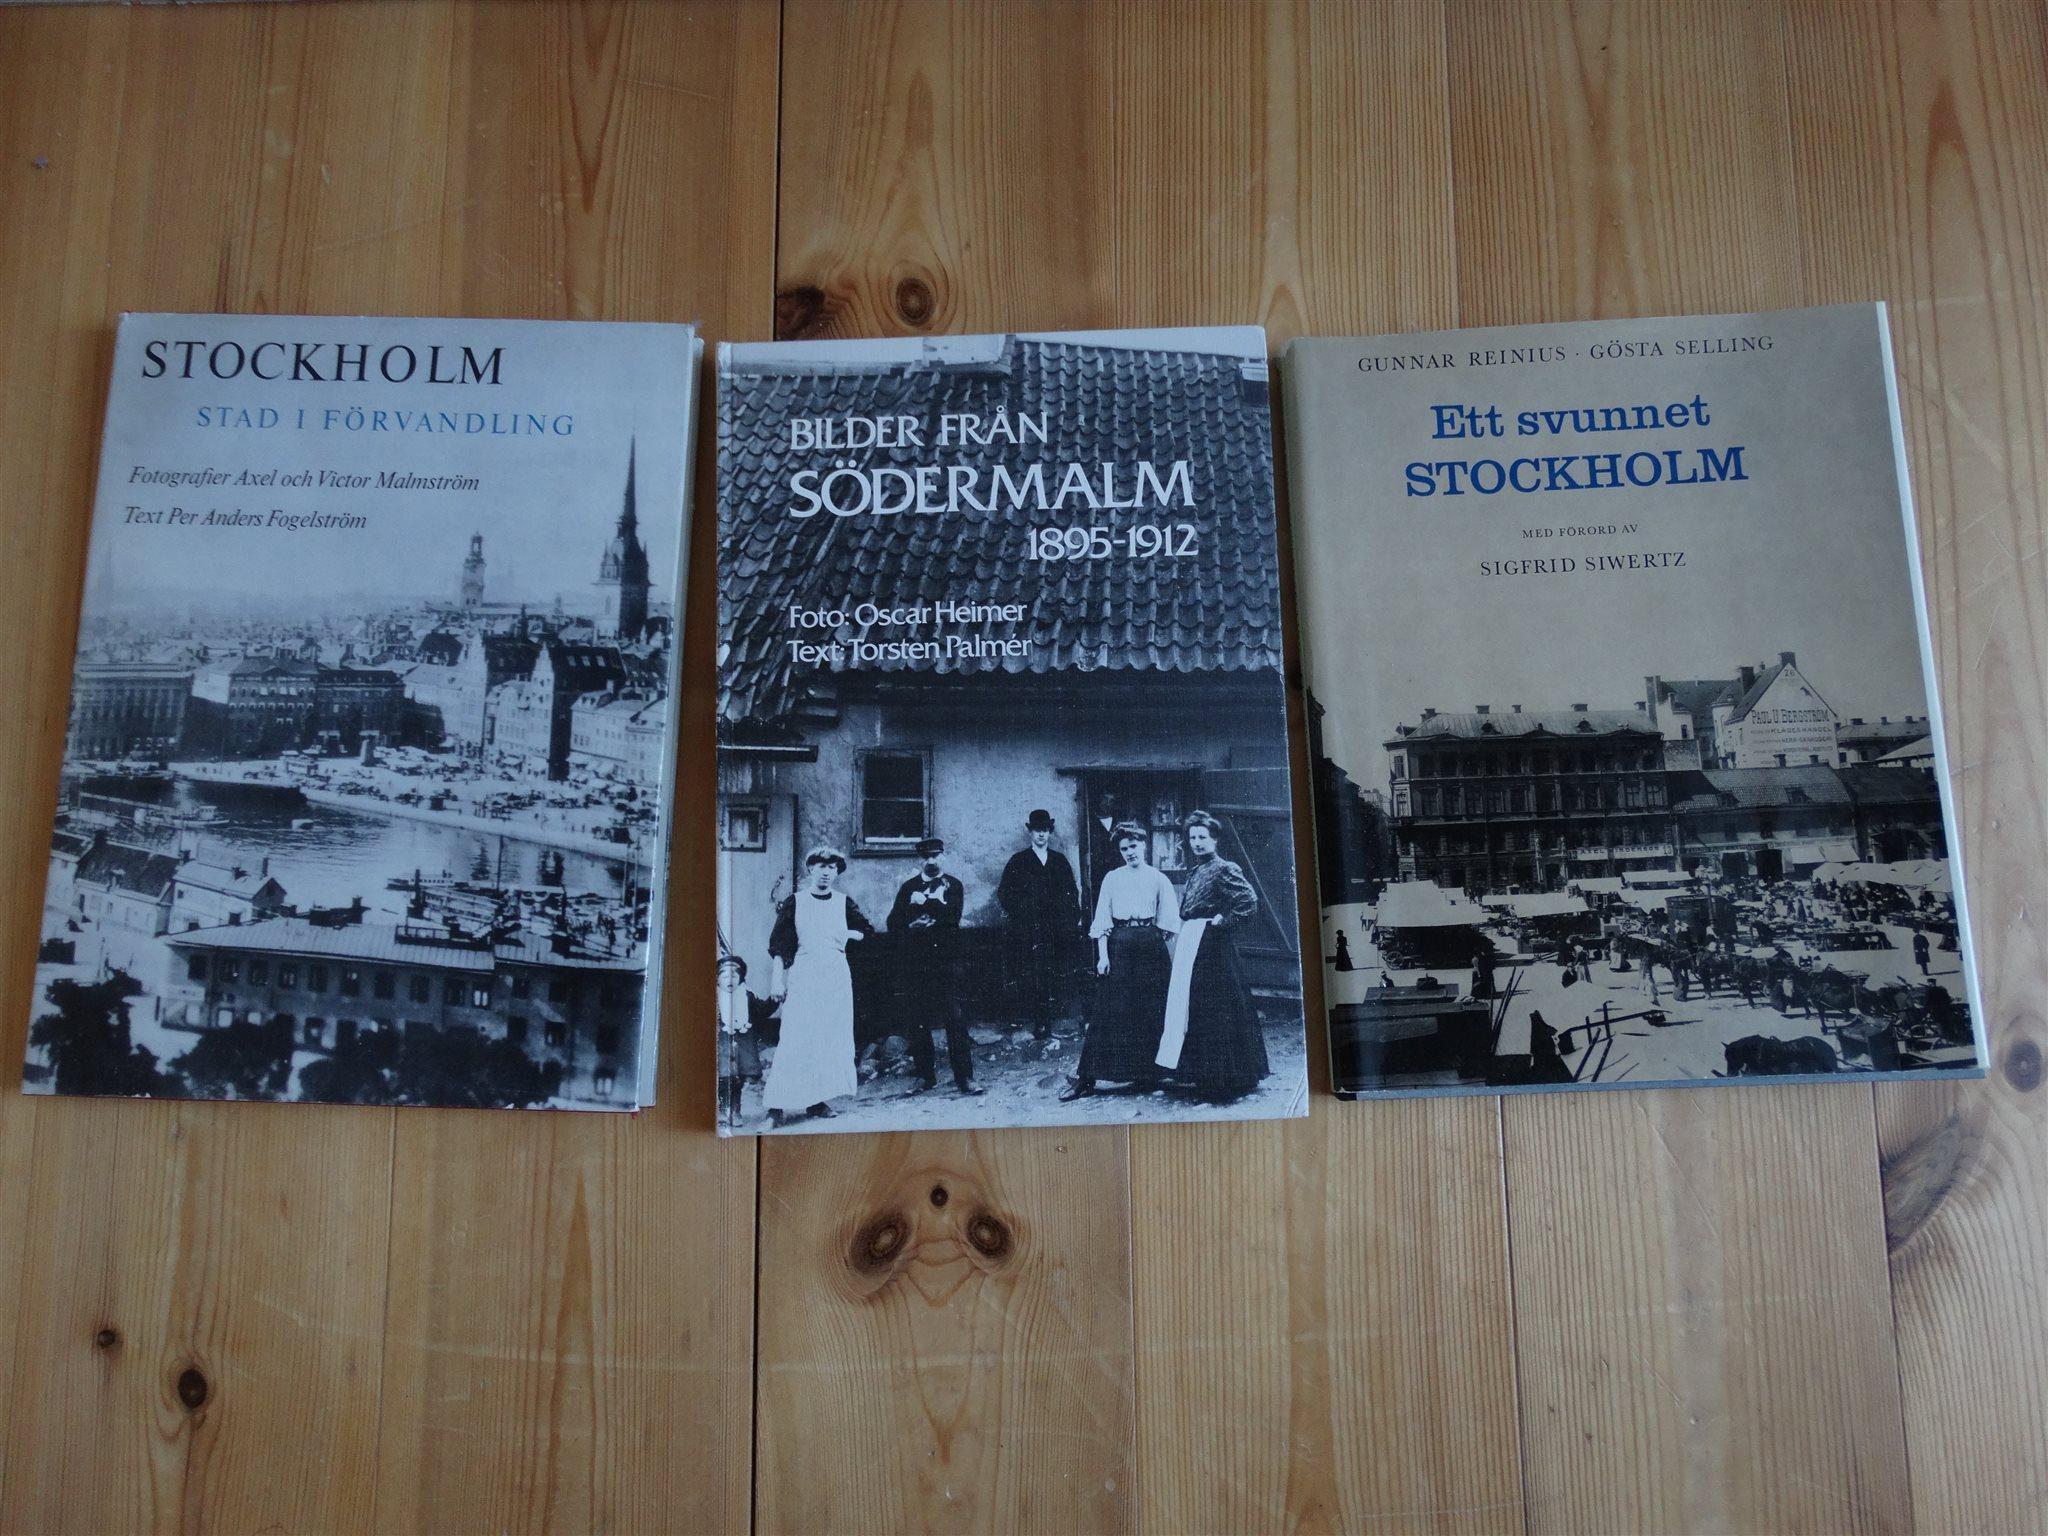 köpa böcker stockholm